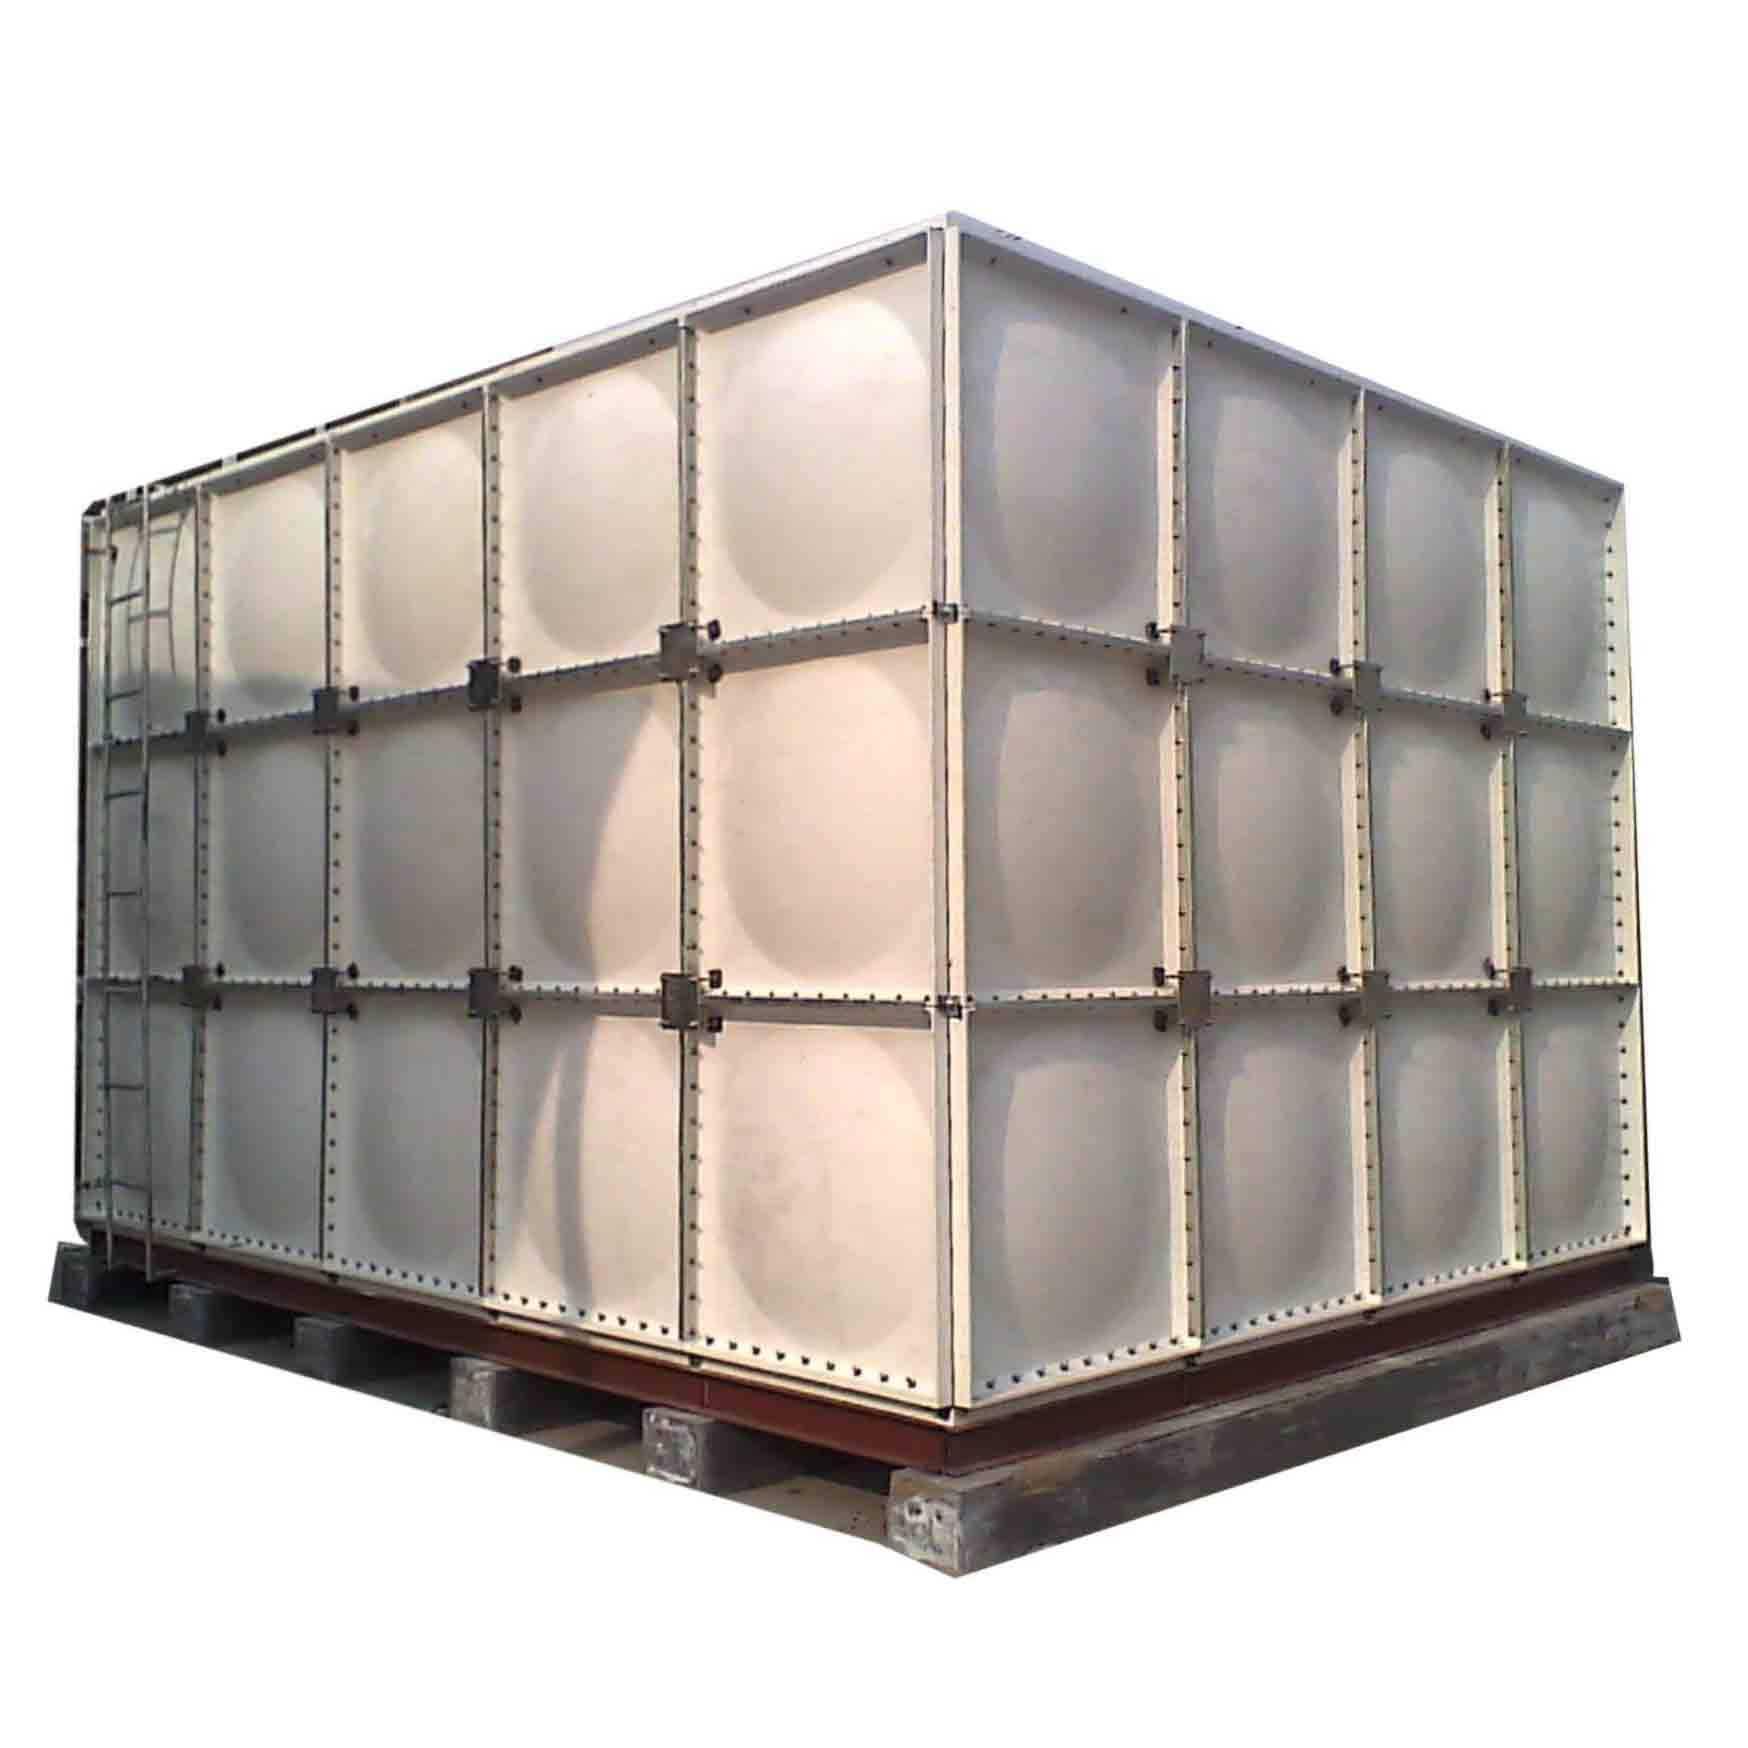 濰坊玻璃鋼水箱、污水處理冷卻塔廠家定制 聯豐玻璃鋼